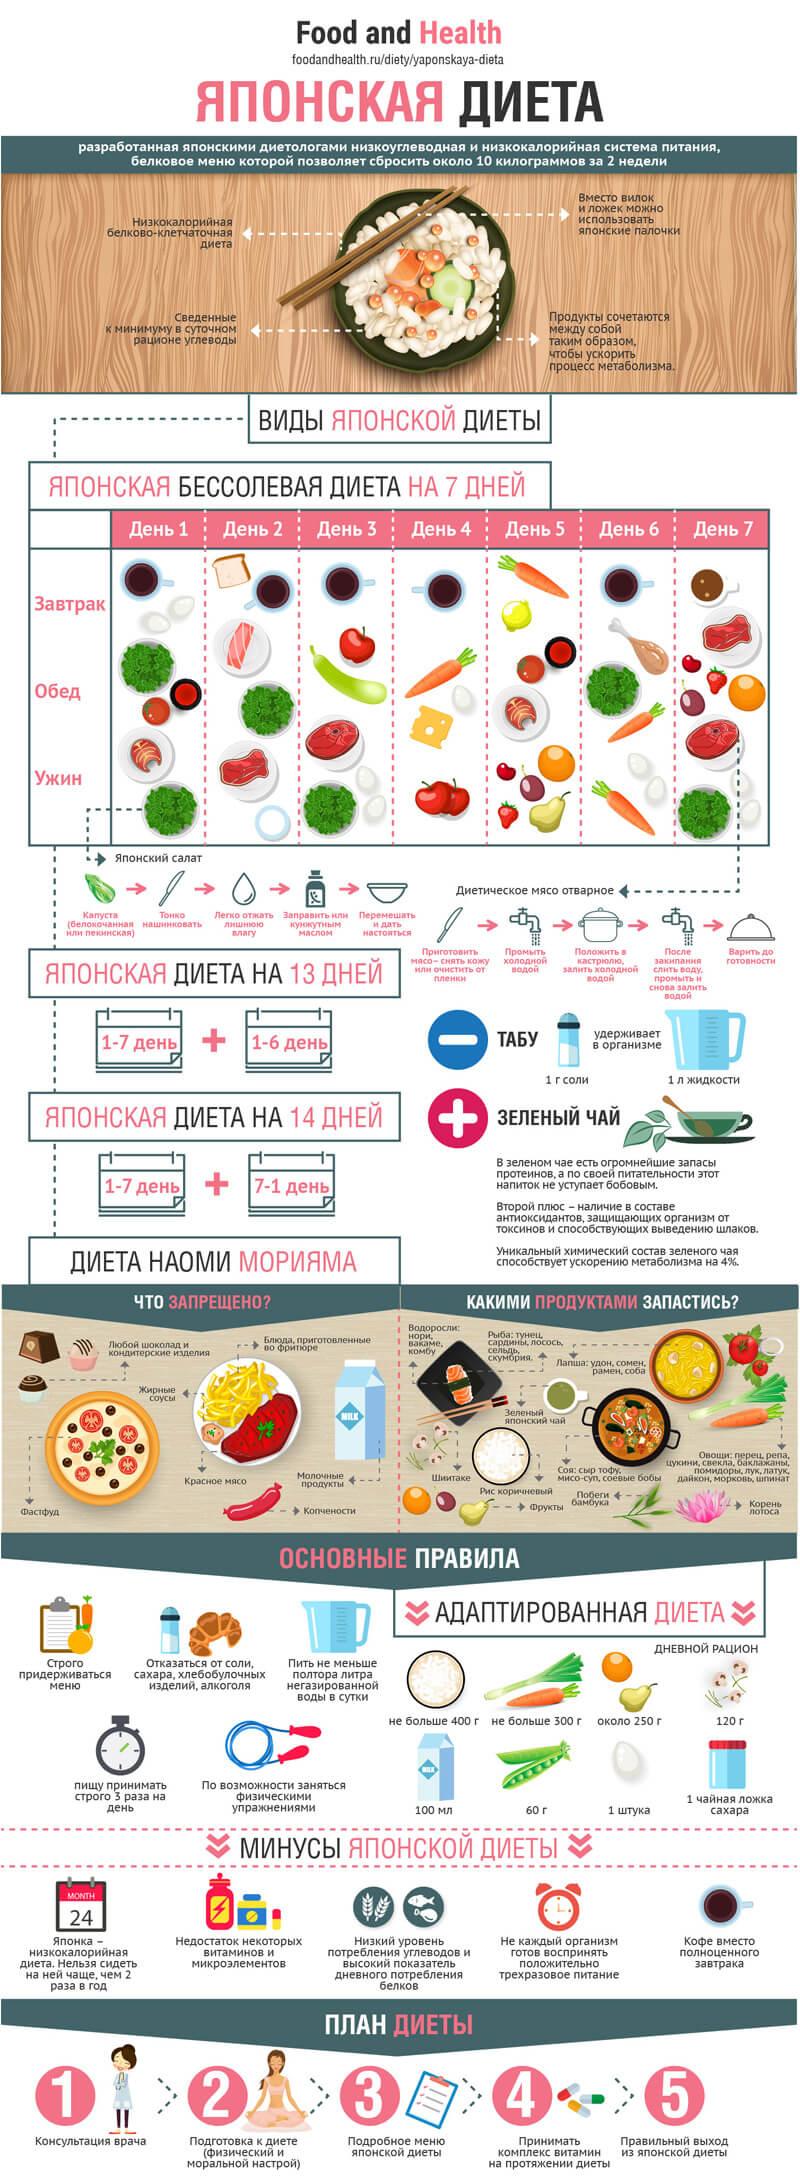 Инфографика - Японская диета